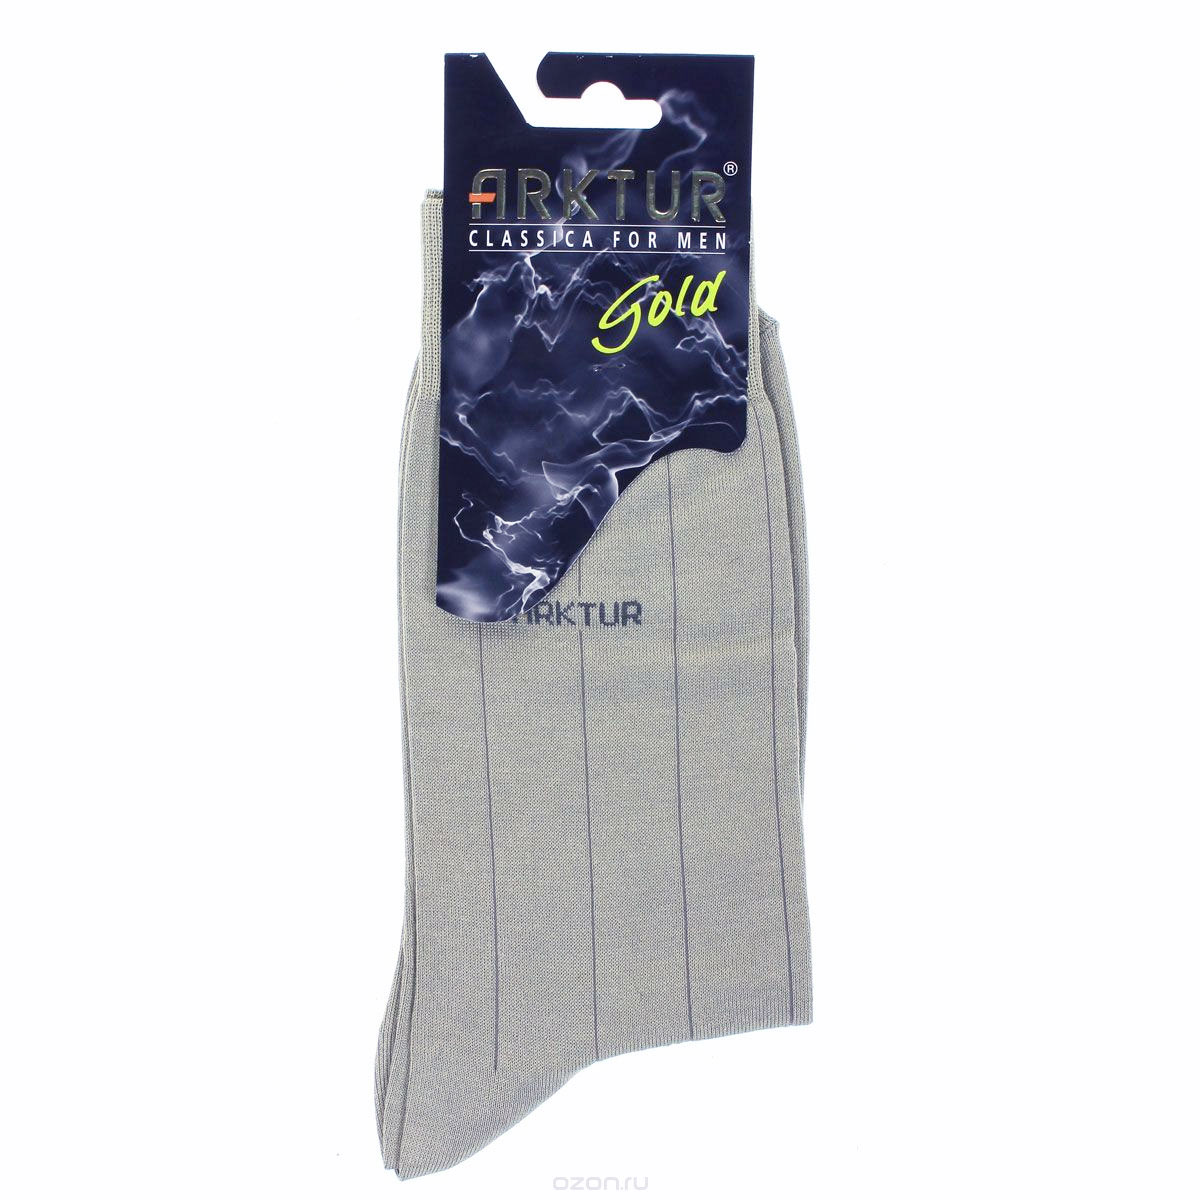 Носки мужские Arktur, цвет: светло-серый. Л151. Размер 44/45 arktur носки